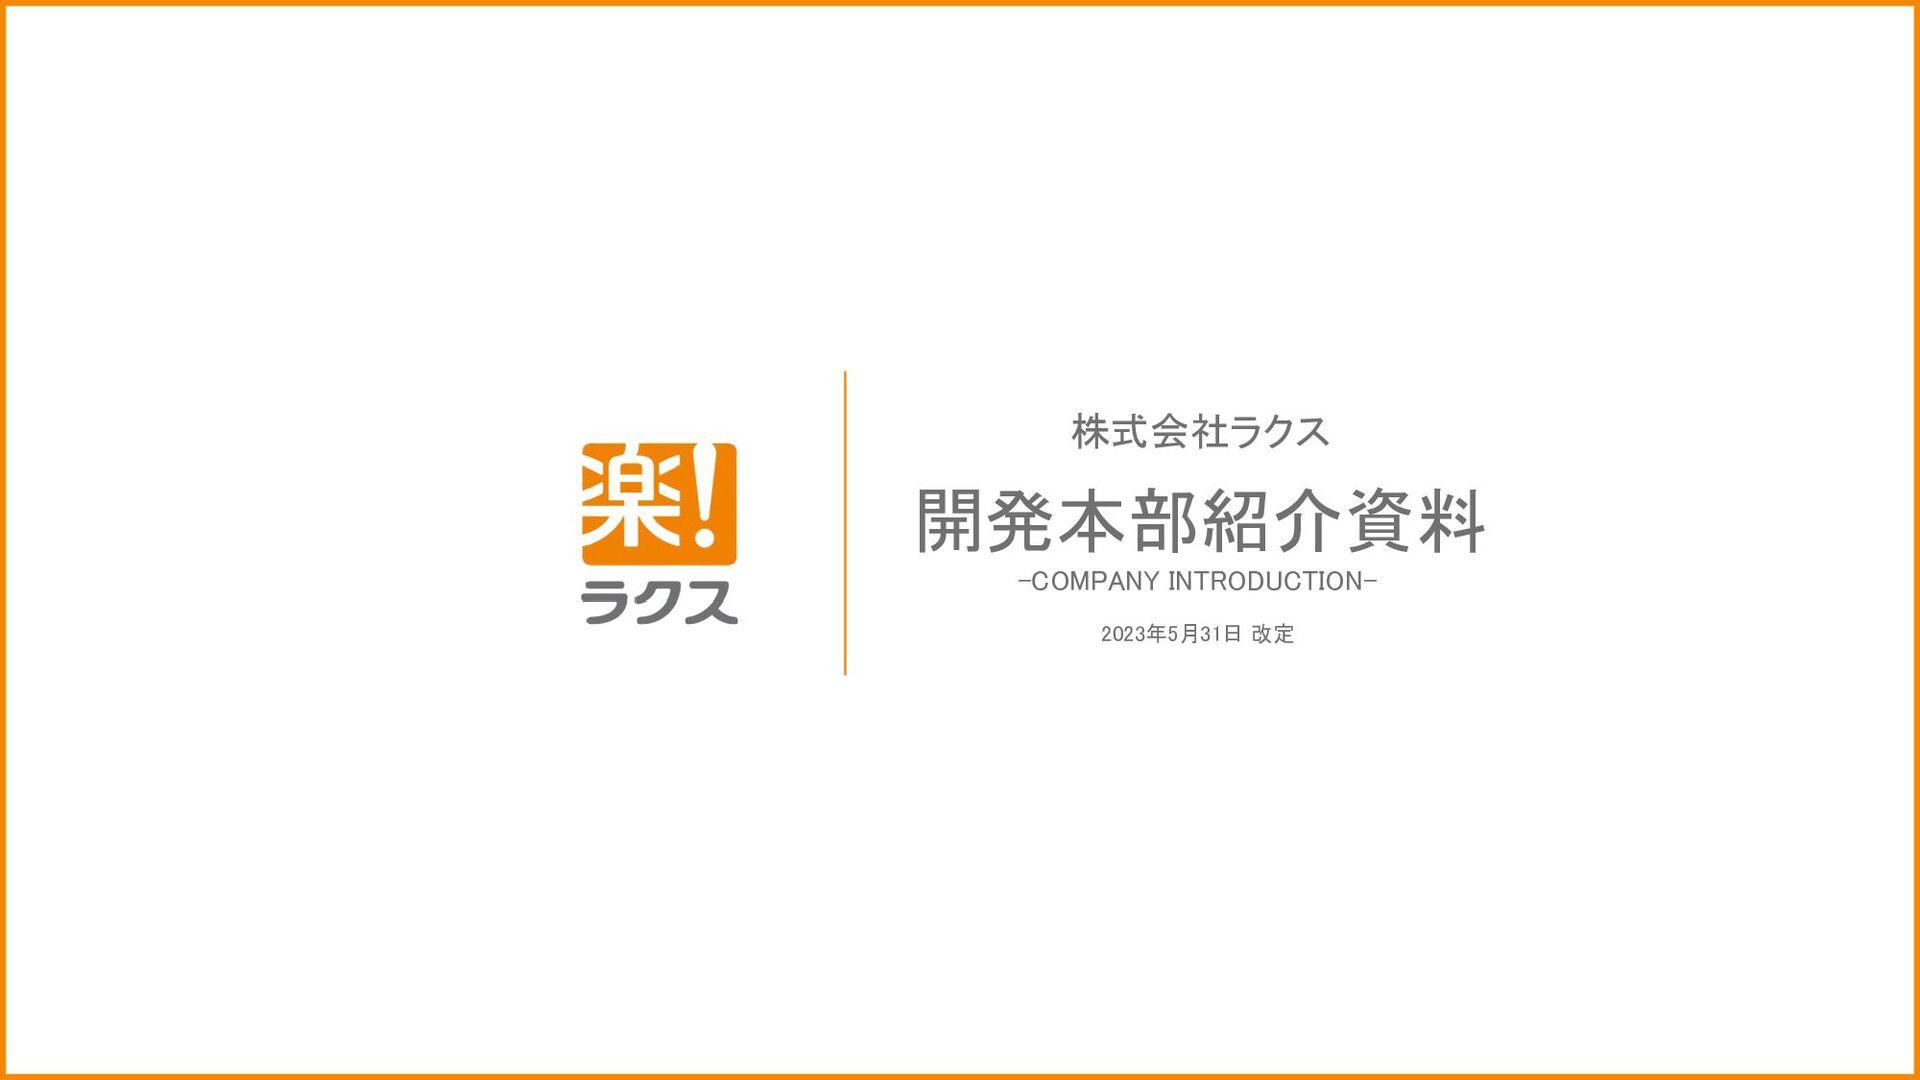 私たちと一緒に 日本を代表する SaaS開発エンジニアに なりませんか? お会いできることを楽...